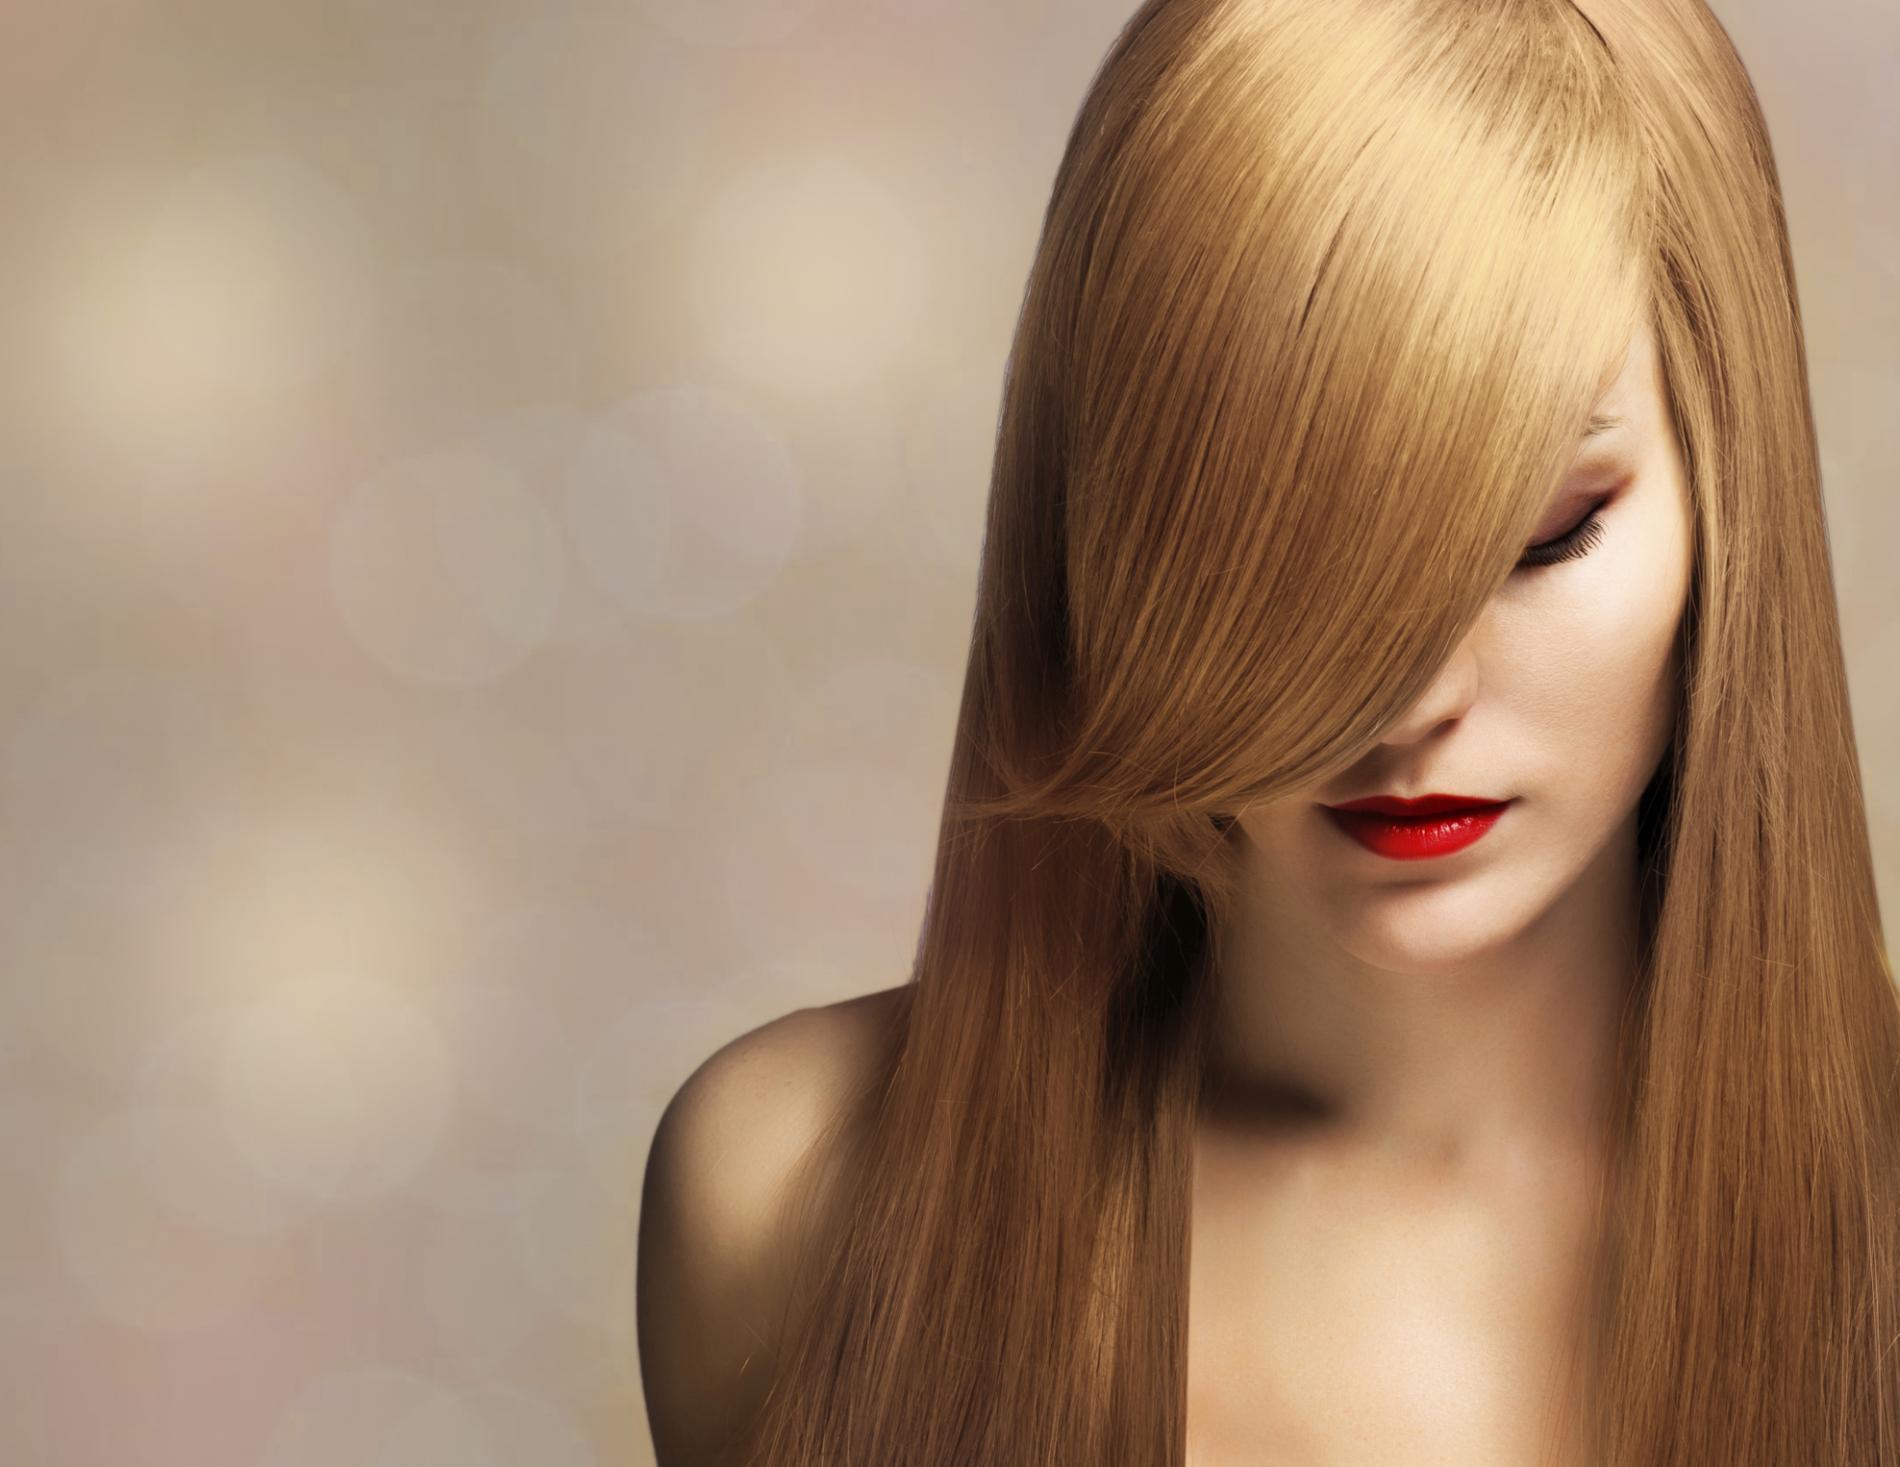 Eclaircir sa couleur de cheveux